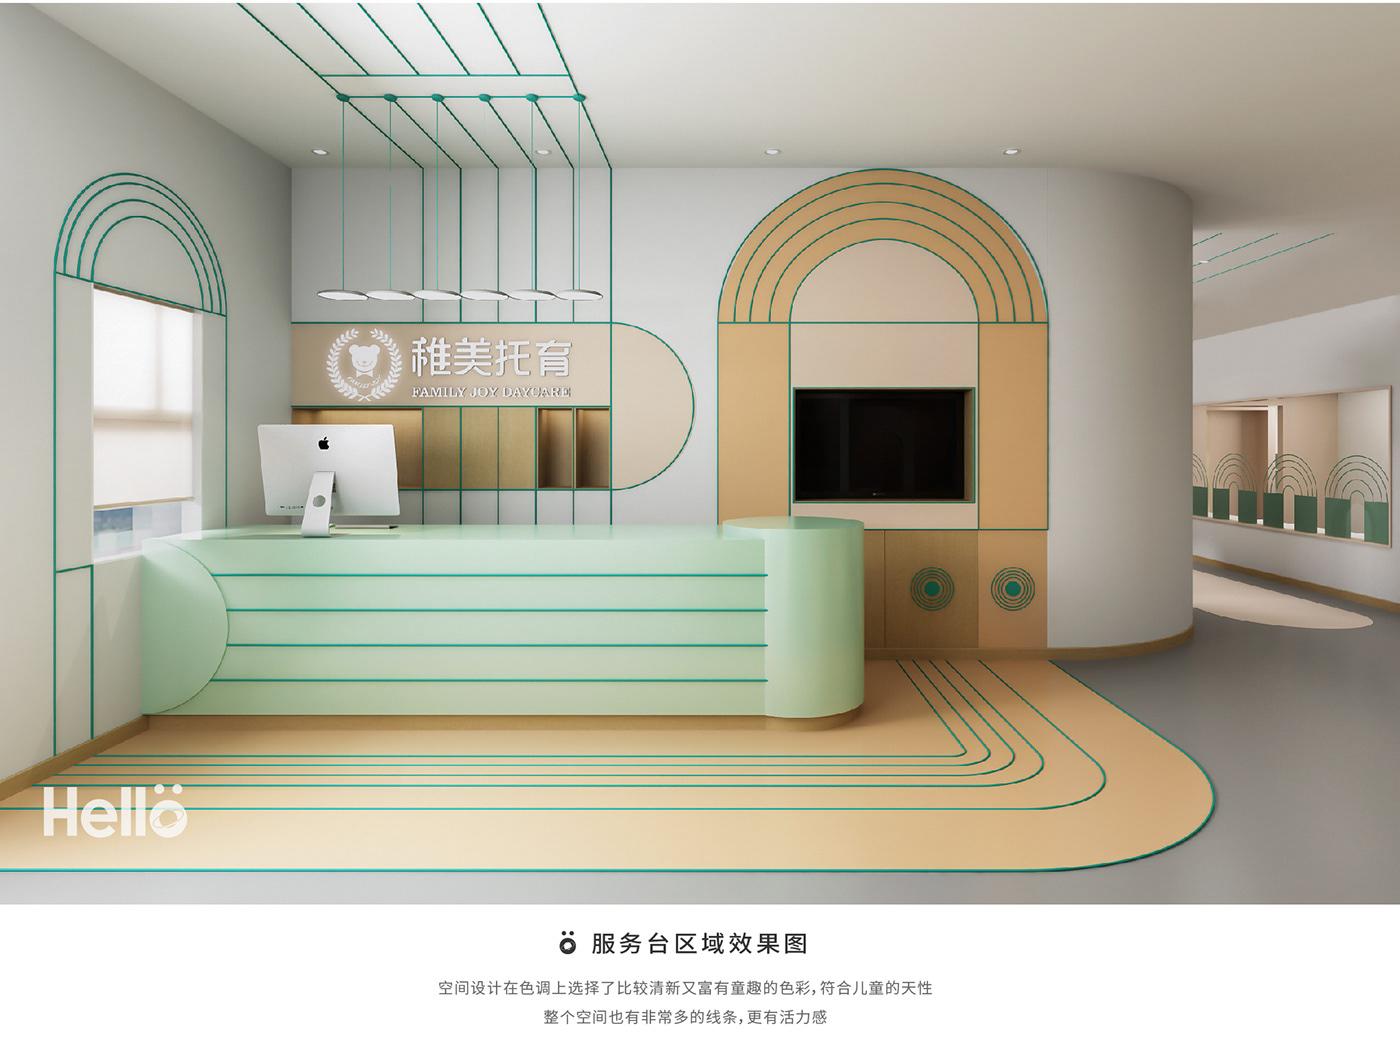 商业空间设计 室内设计 早教 早教空间设计 空间设计